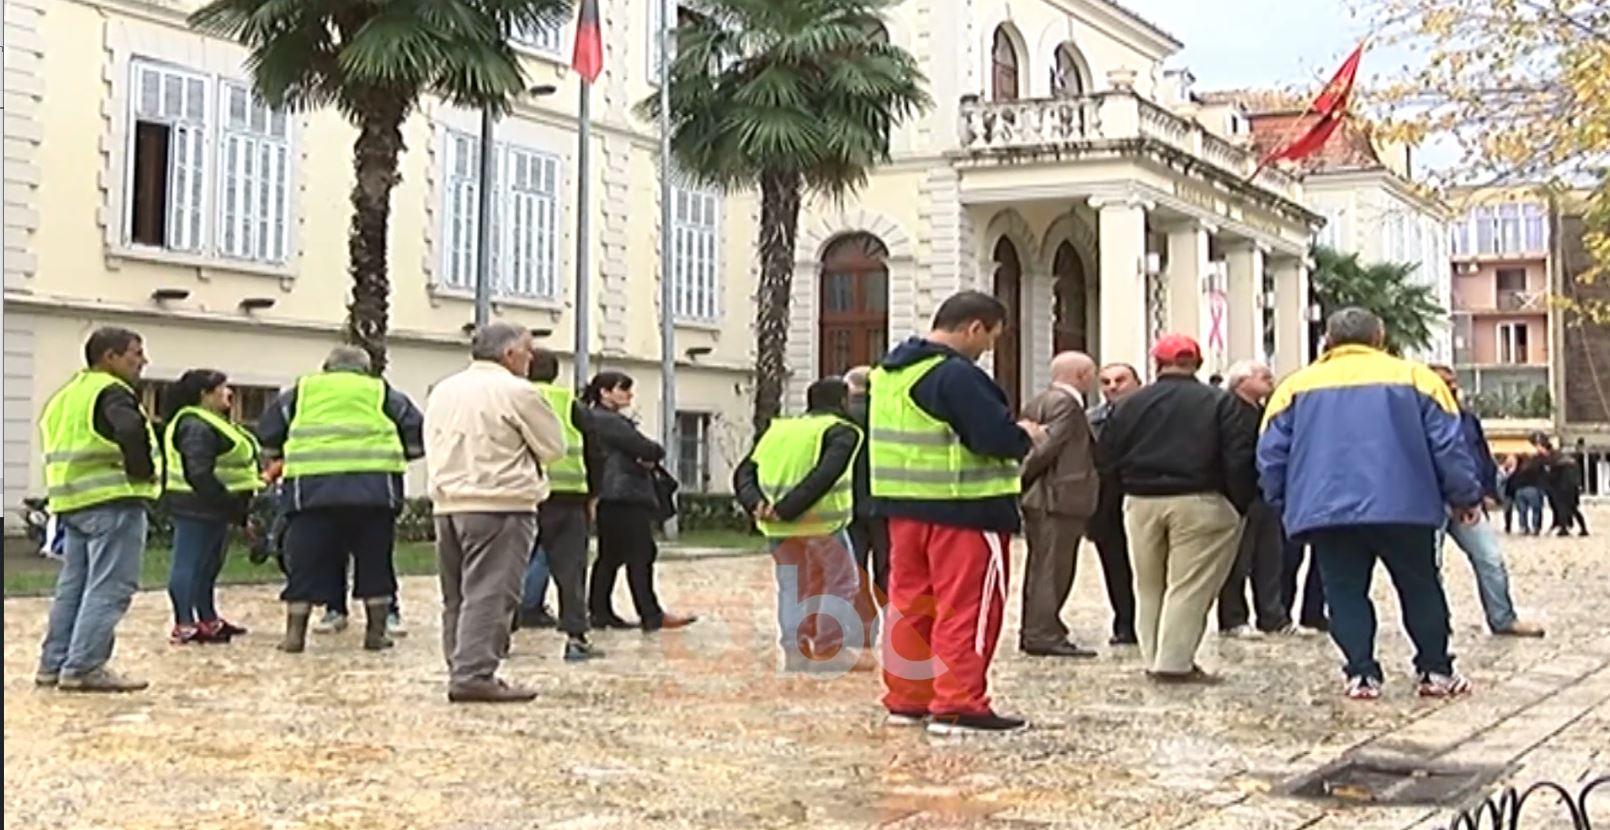 Protestë në Shkodër, 50 punonjës të ndërmarrjes së pastrimit mbesin pa punë